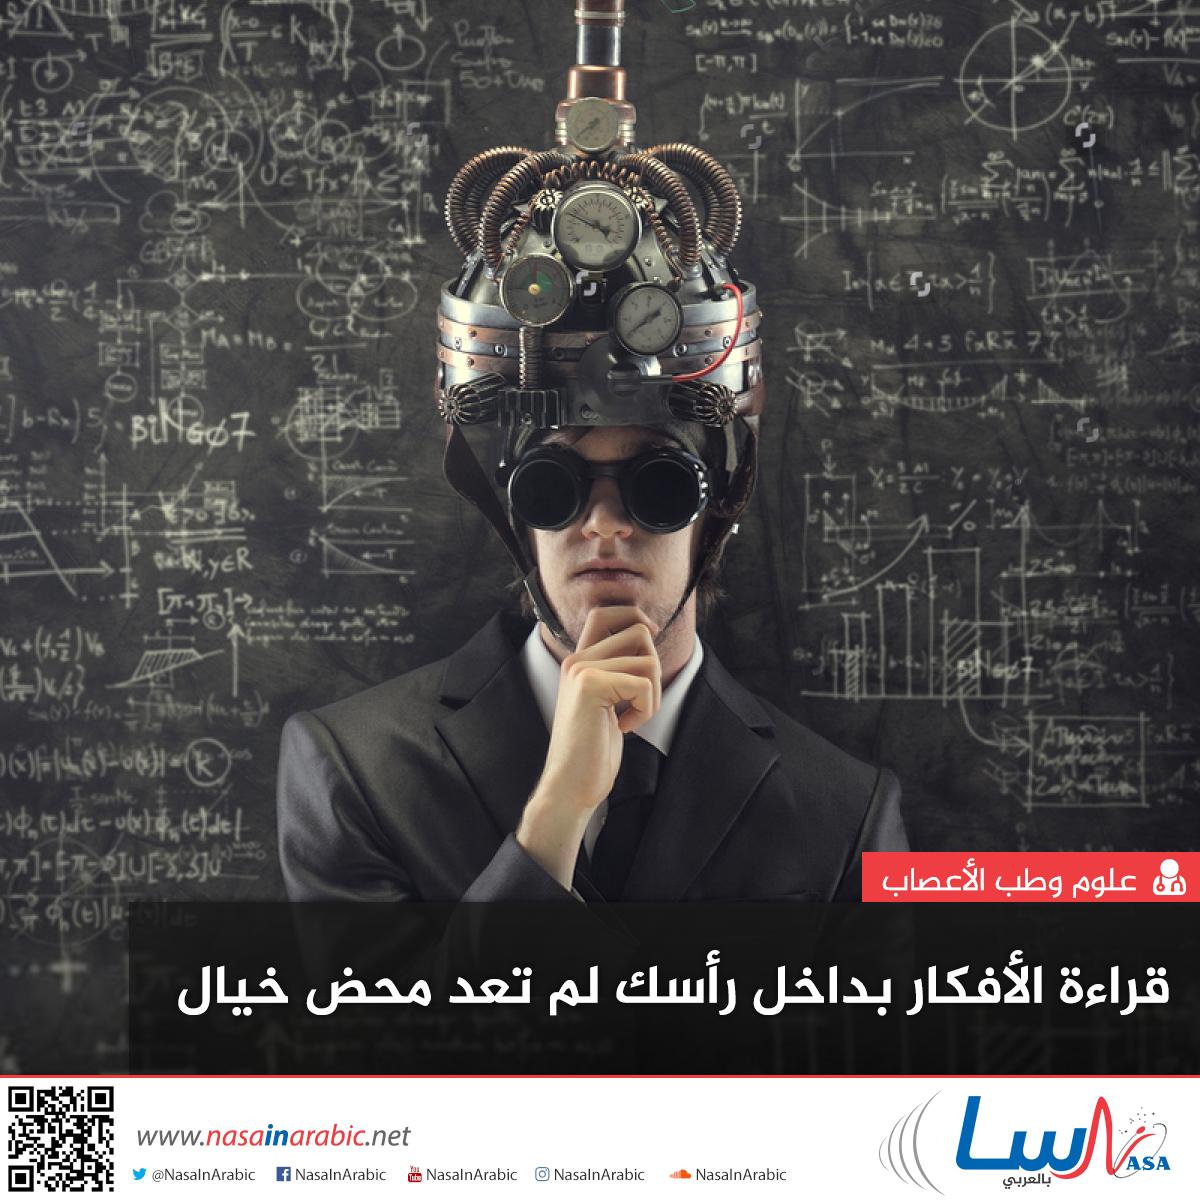 قراءة الأفكار بداخل رأسك لم تعد محض خيال